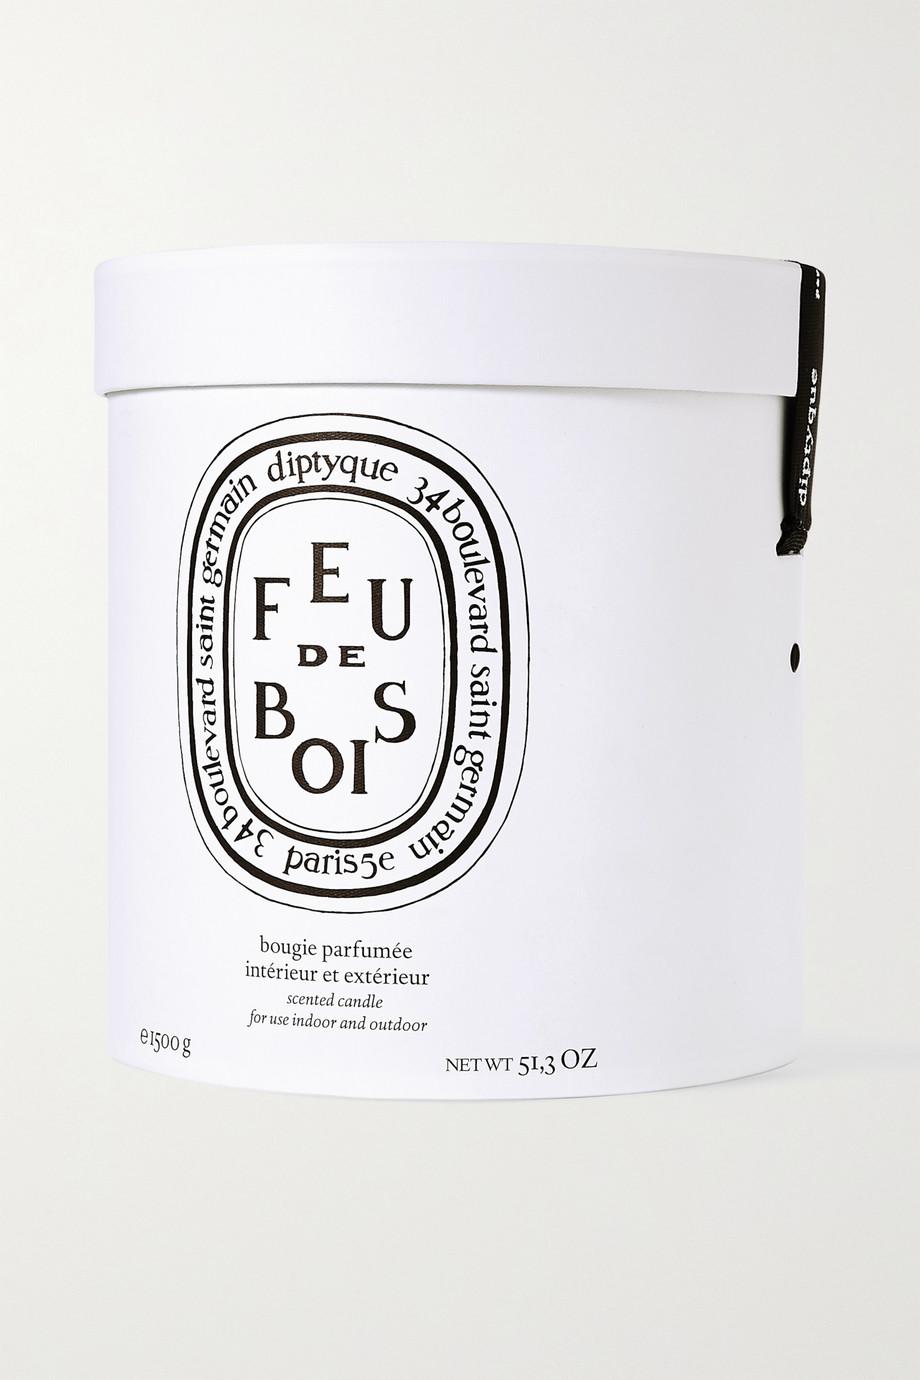 Diptyque Feu De Bois scented candle, 1500g